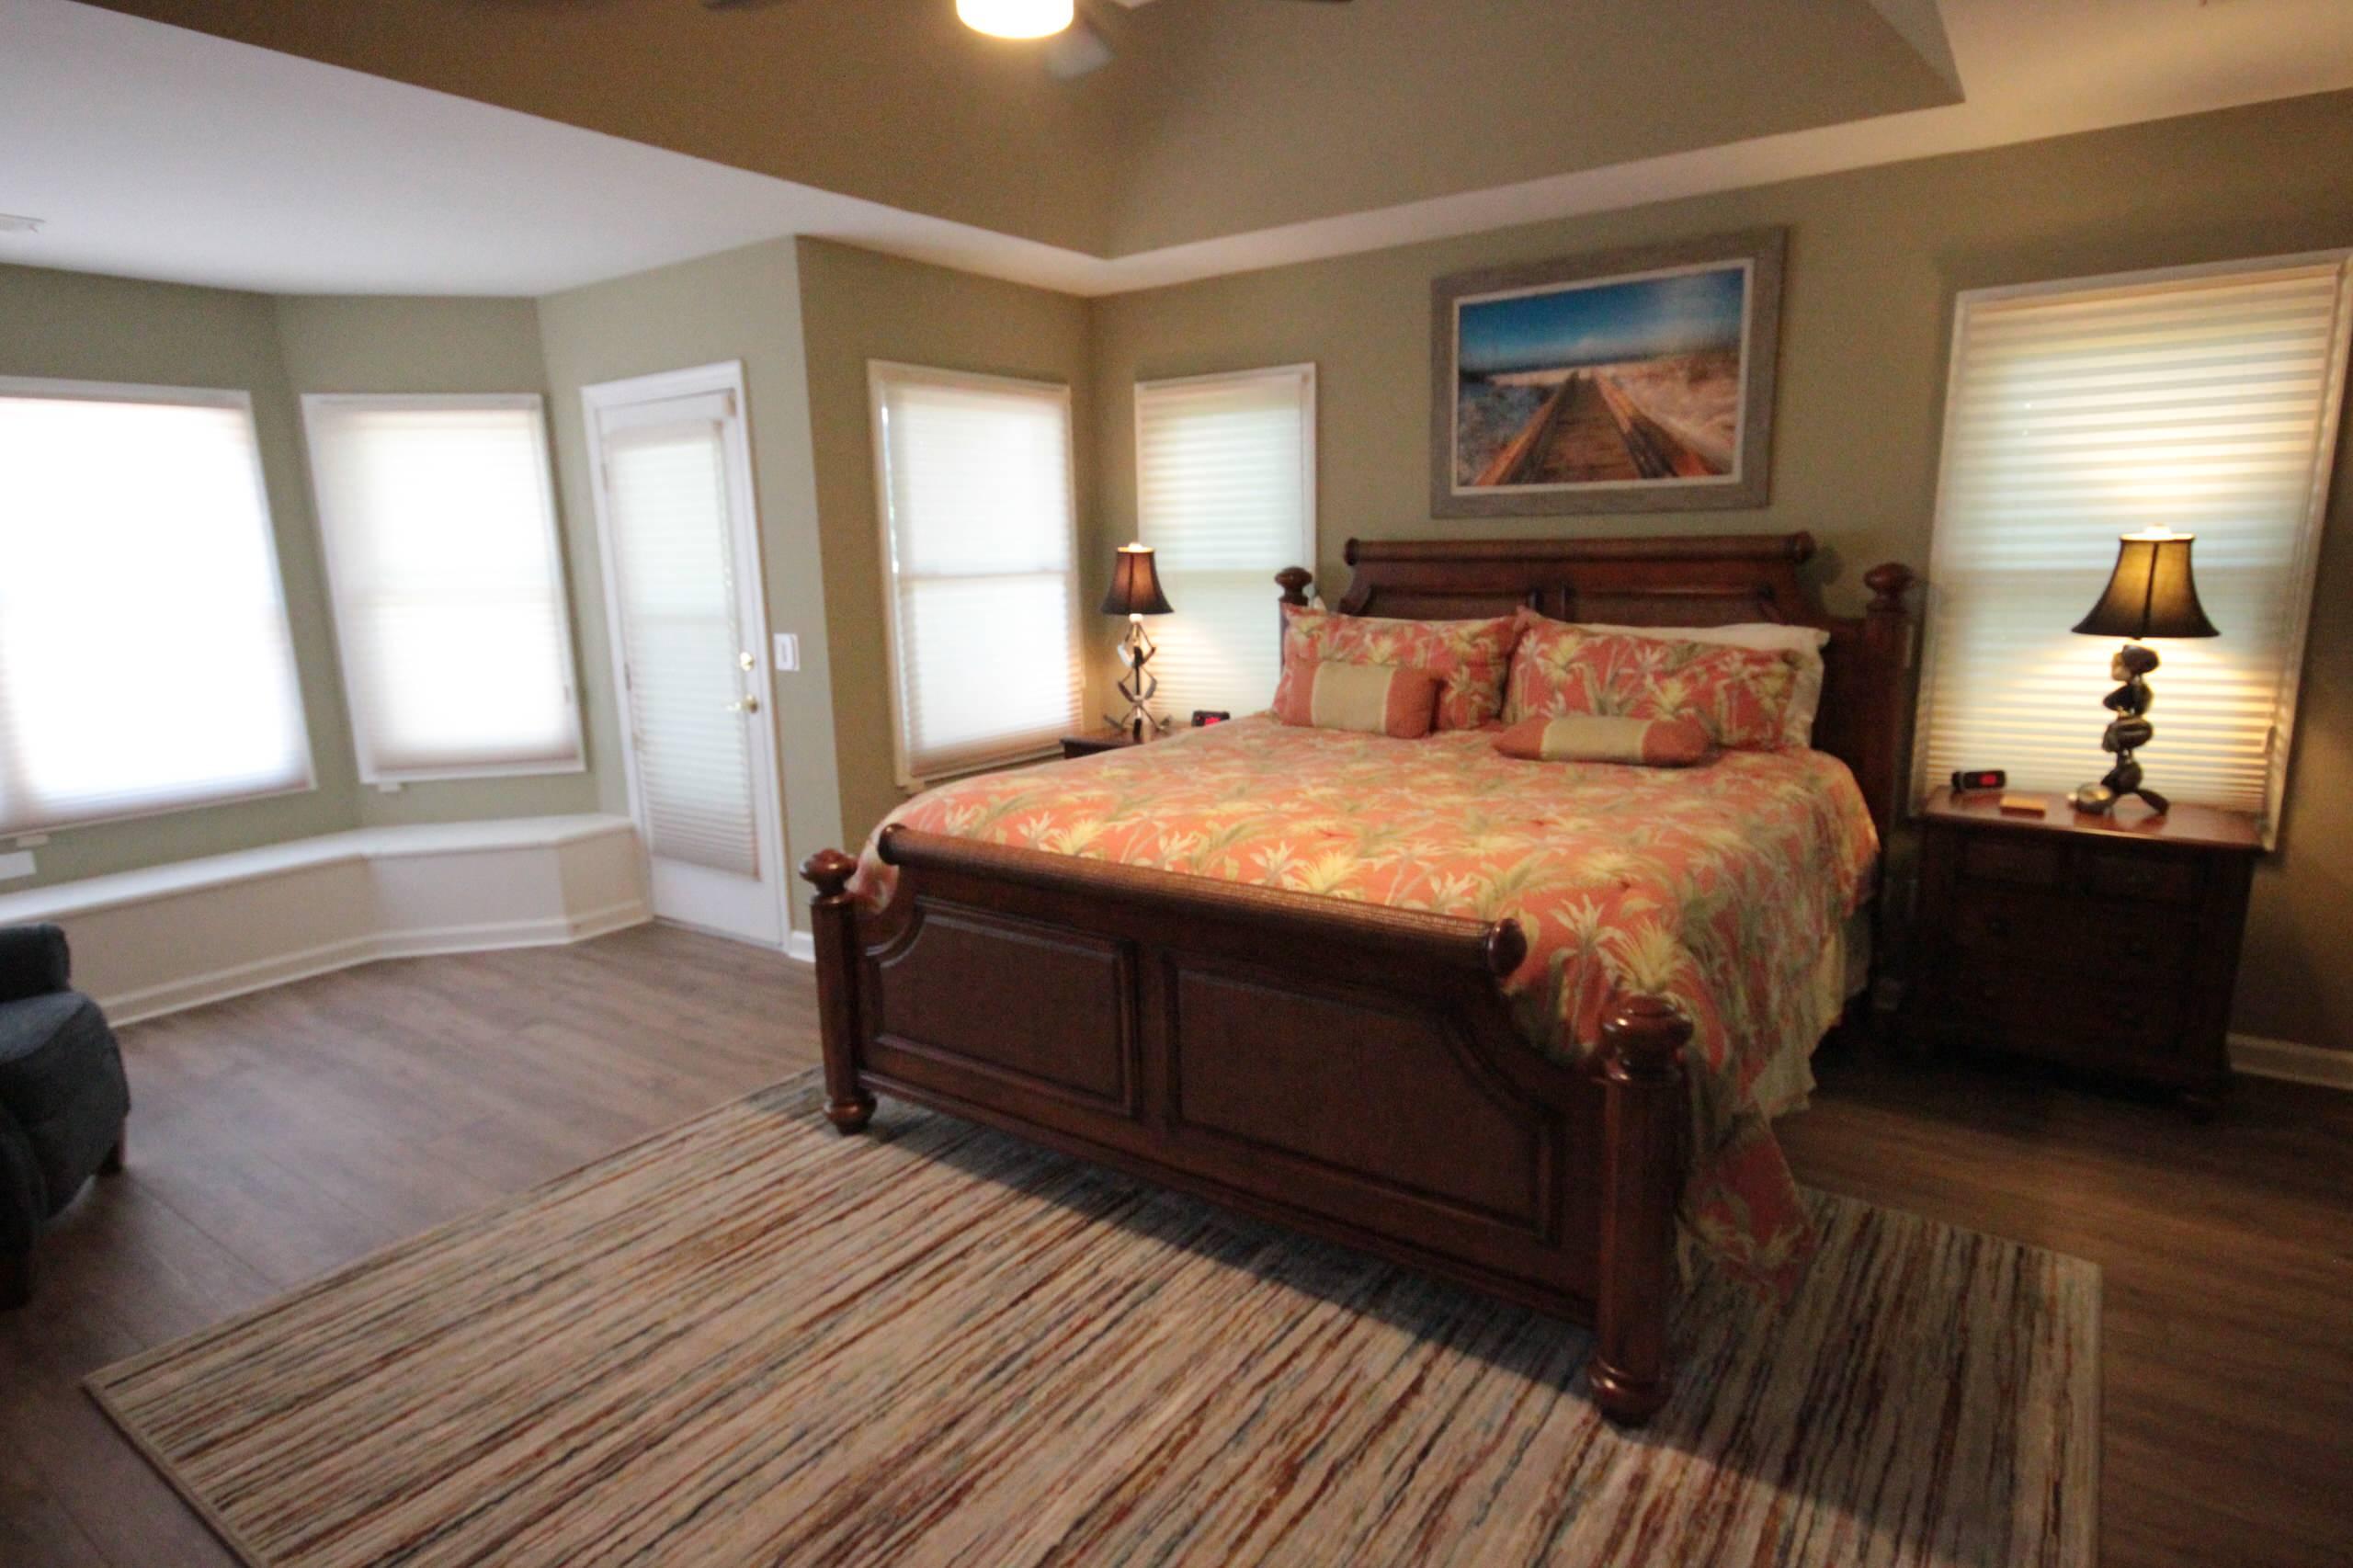 Master Bedroom After Remodel